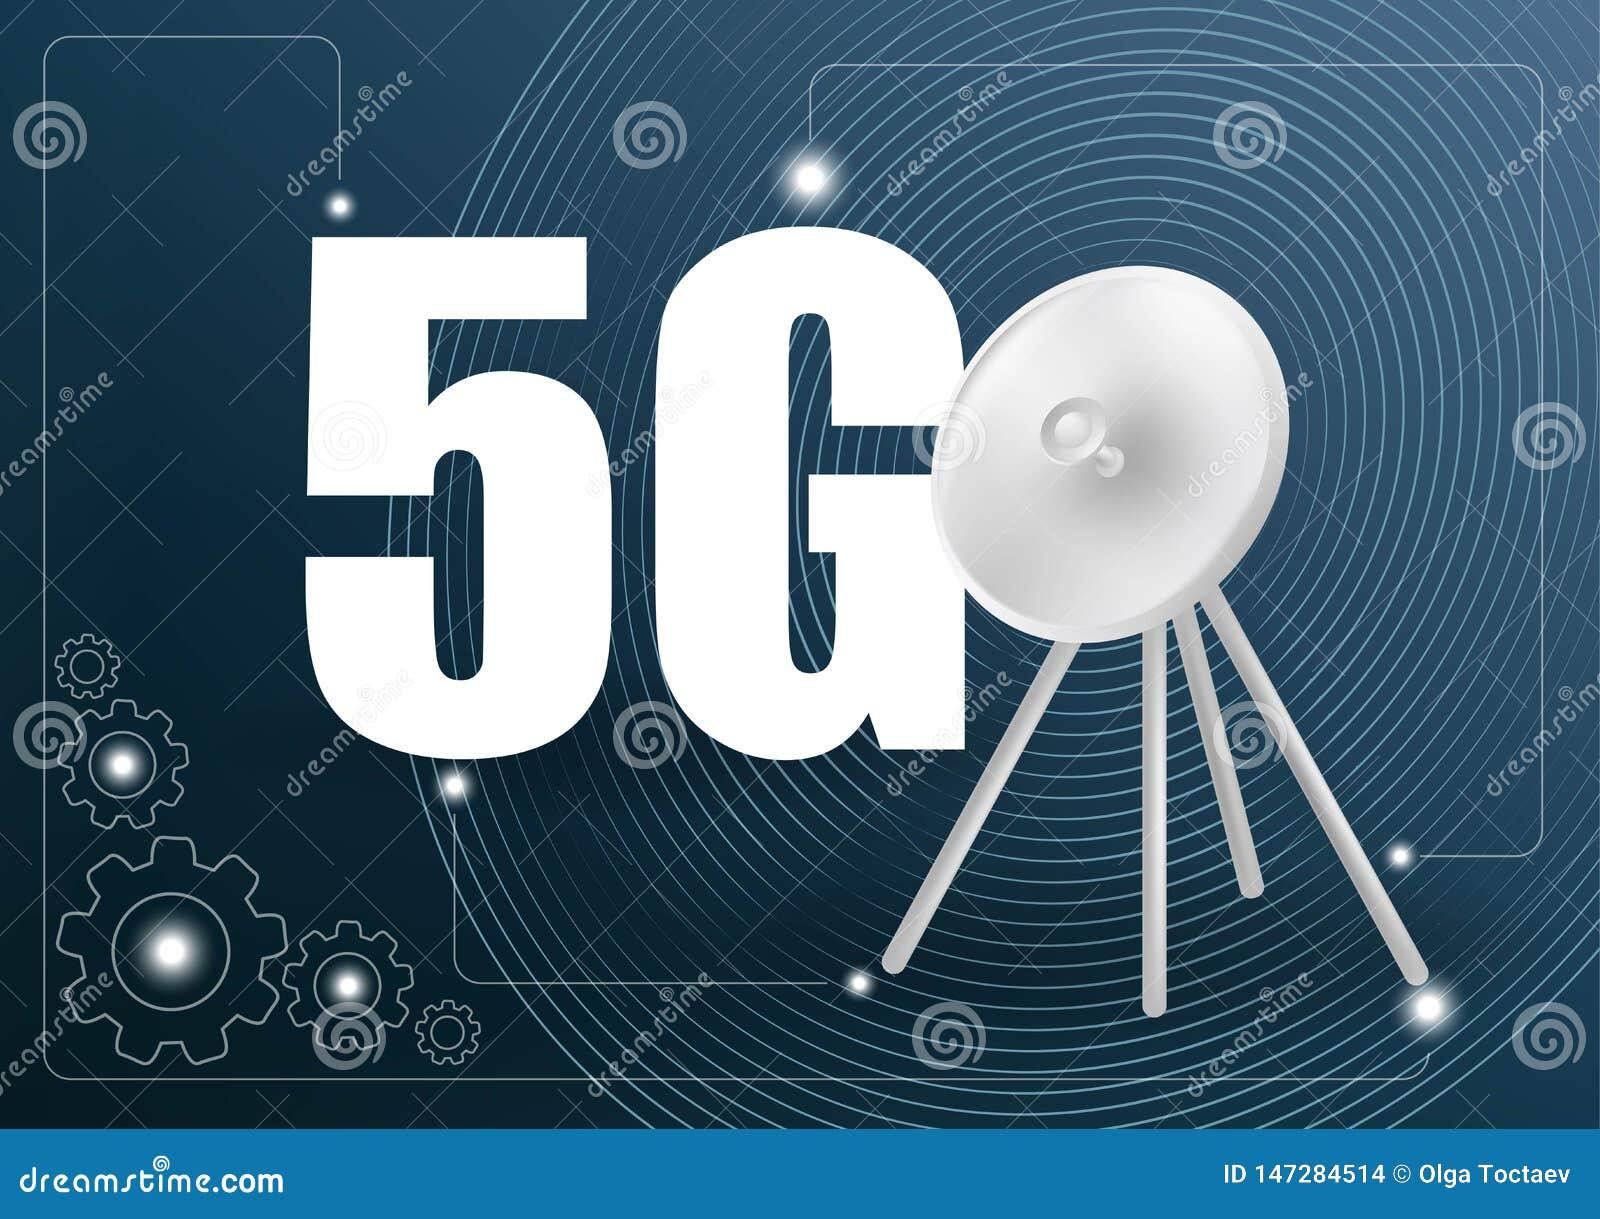 Illustrazione creativa di vettore di tecnologia di trasmissione del segnale 5G, nuovo fondo senza fili del collegamento di wifi d